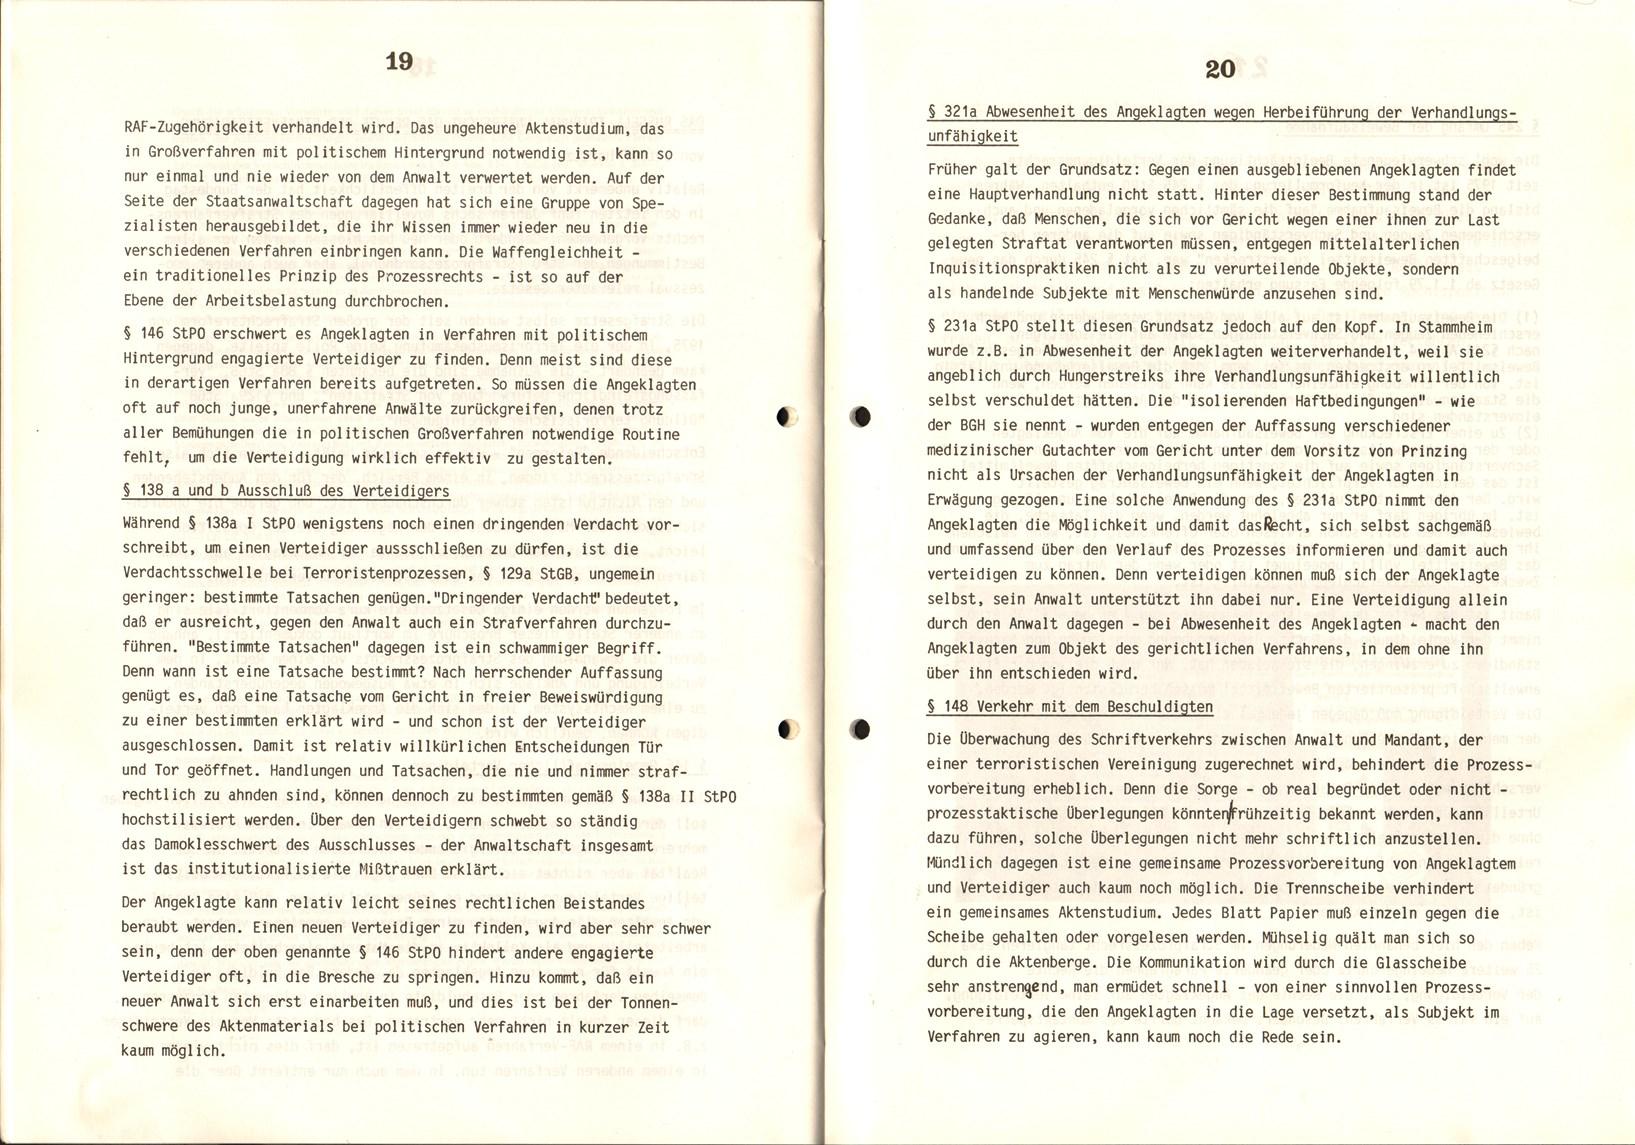 RT_Zur_zweiten_Sitzungsperiode_1979_13